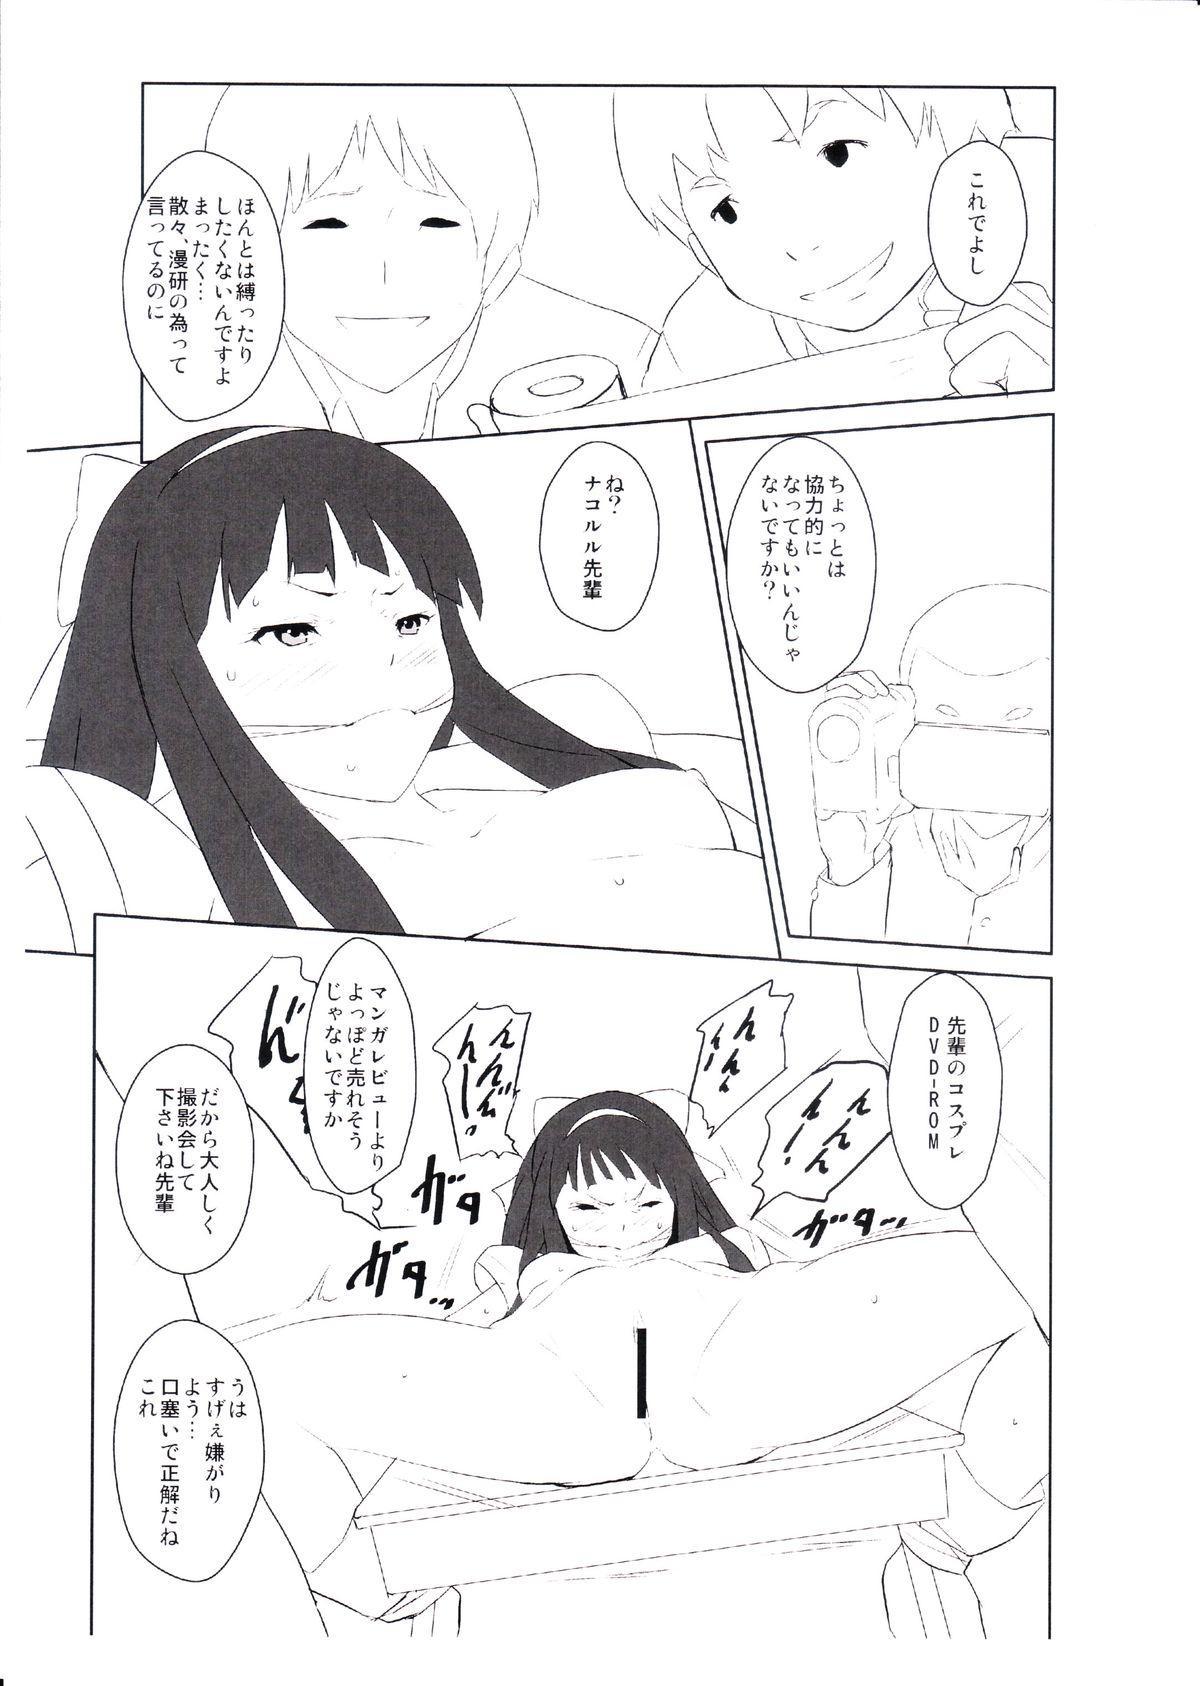 Omake no Nako Senpai 1